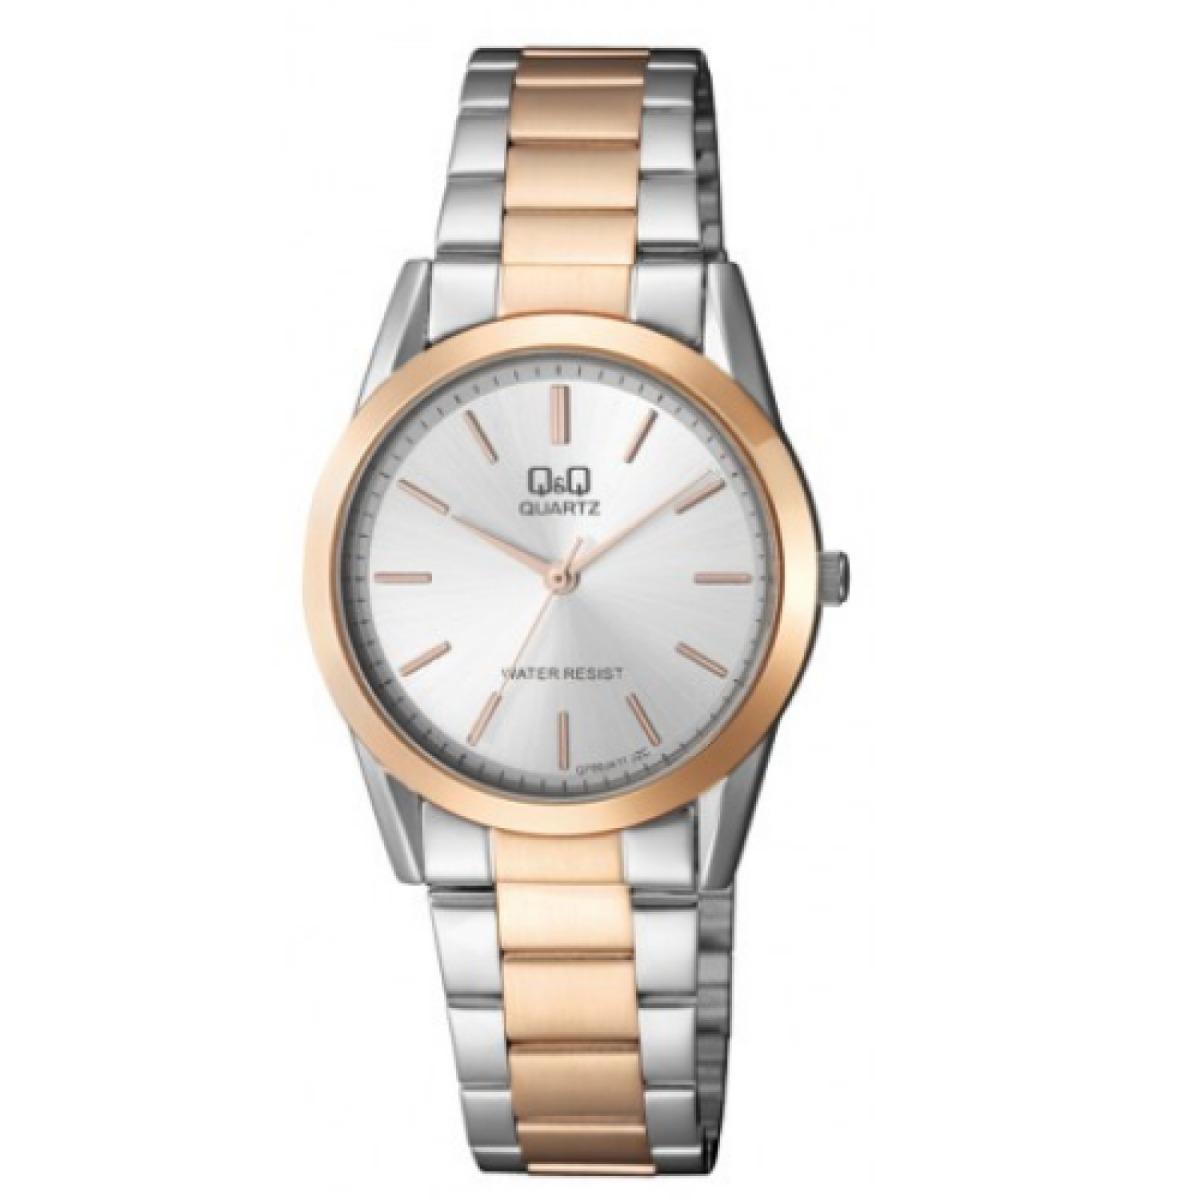 ea84cdc05329 Reloj Q q Q700j411y Bicolor Para Dama -   89.900 en Mercado Libre